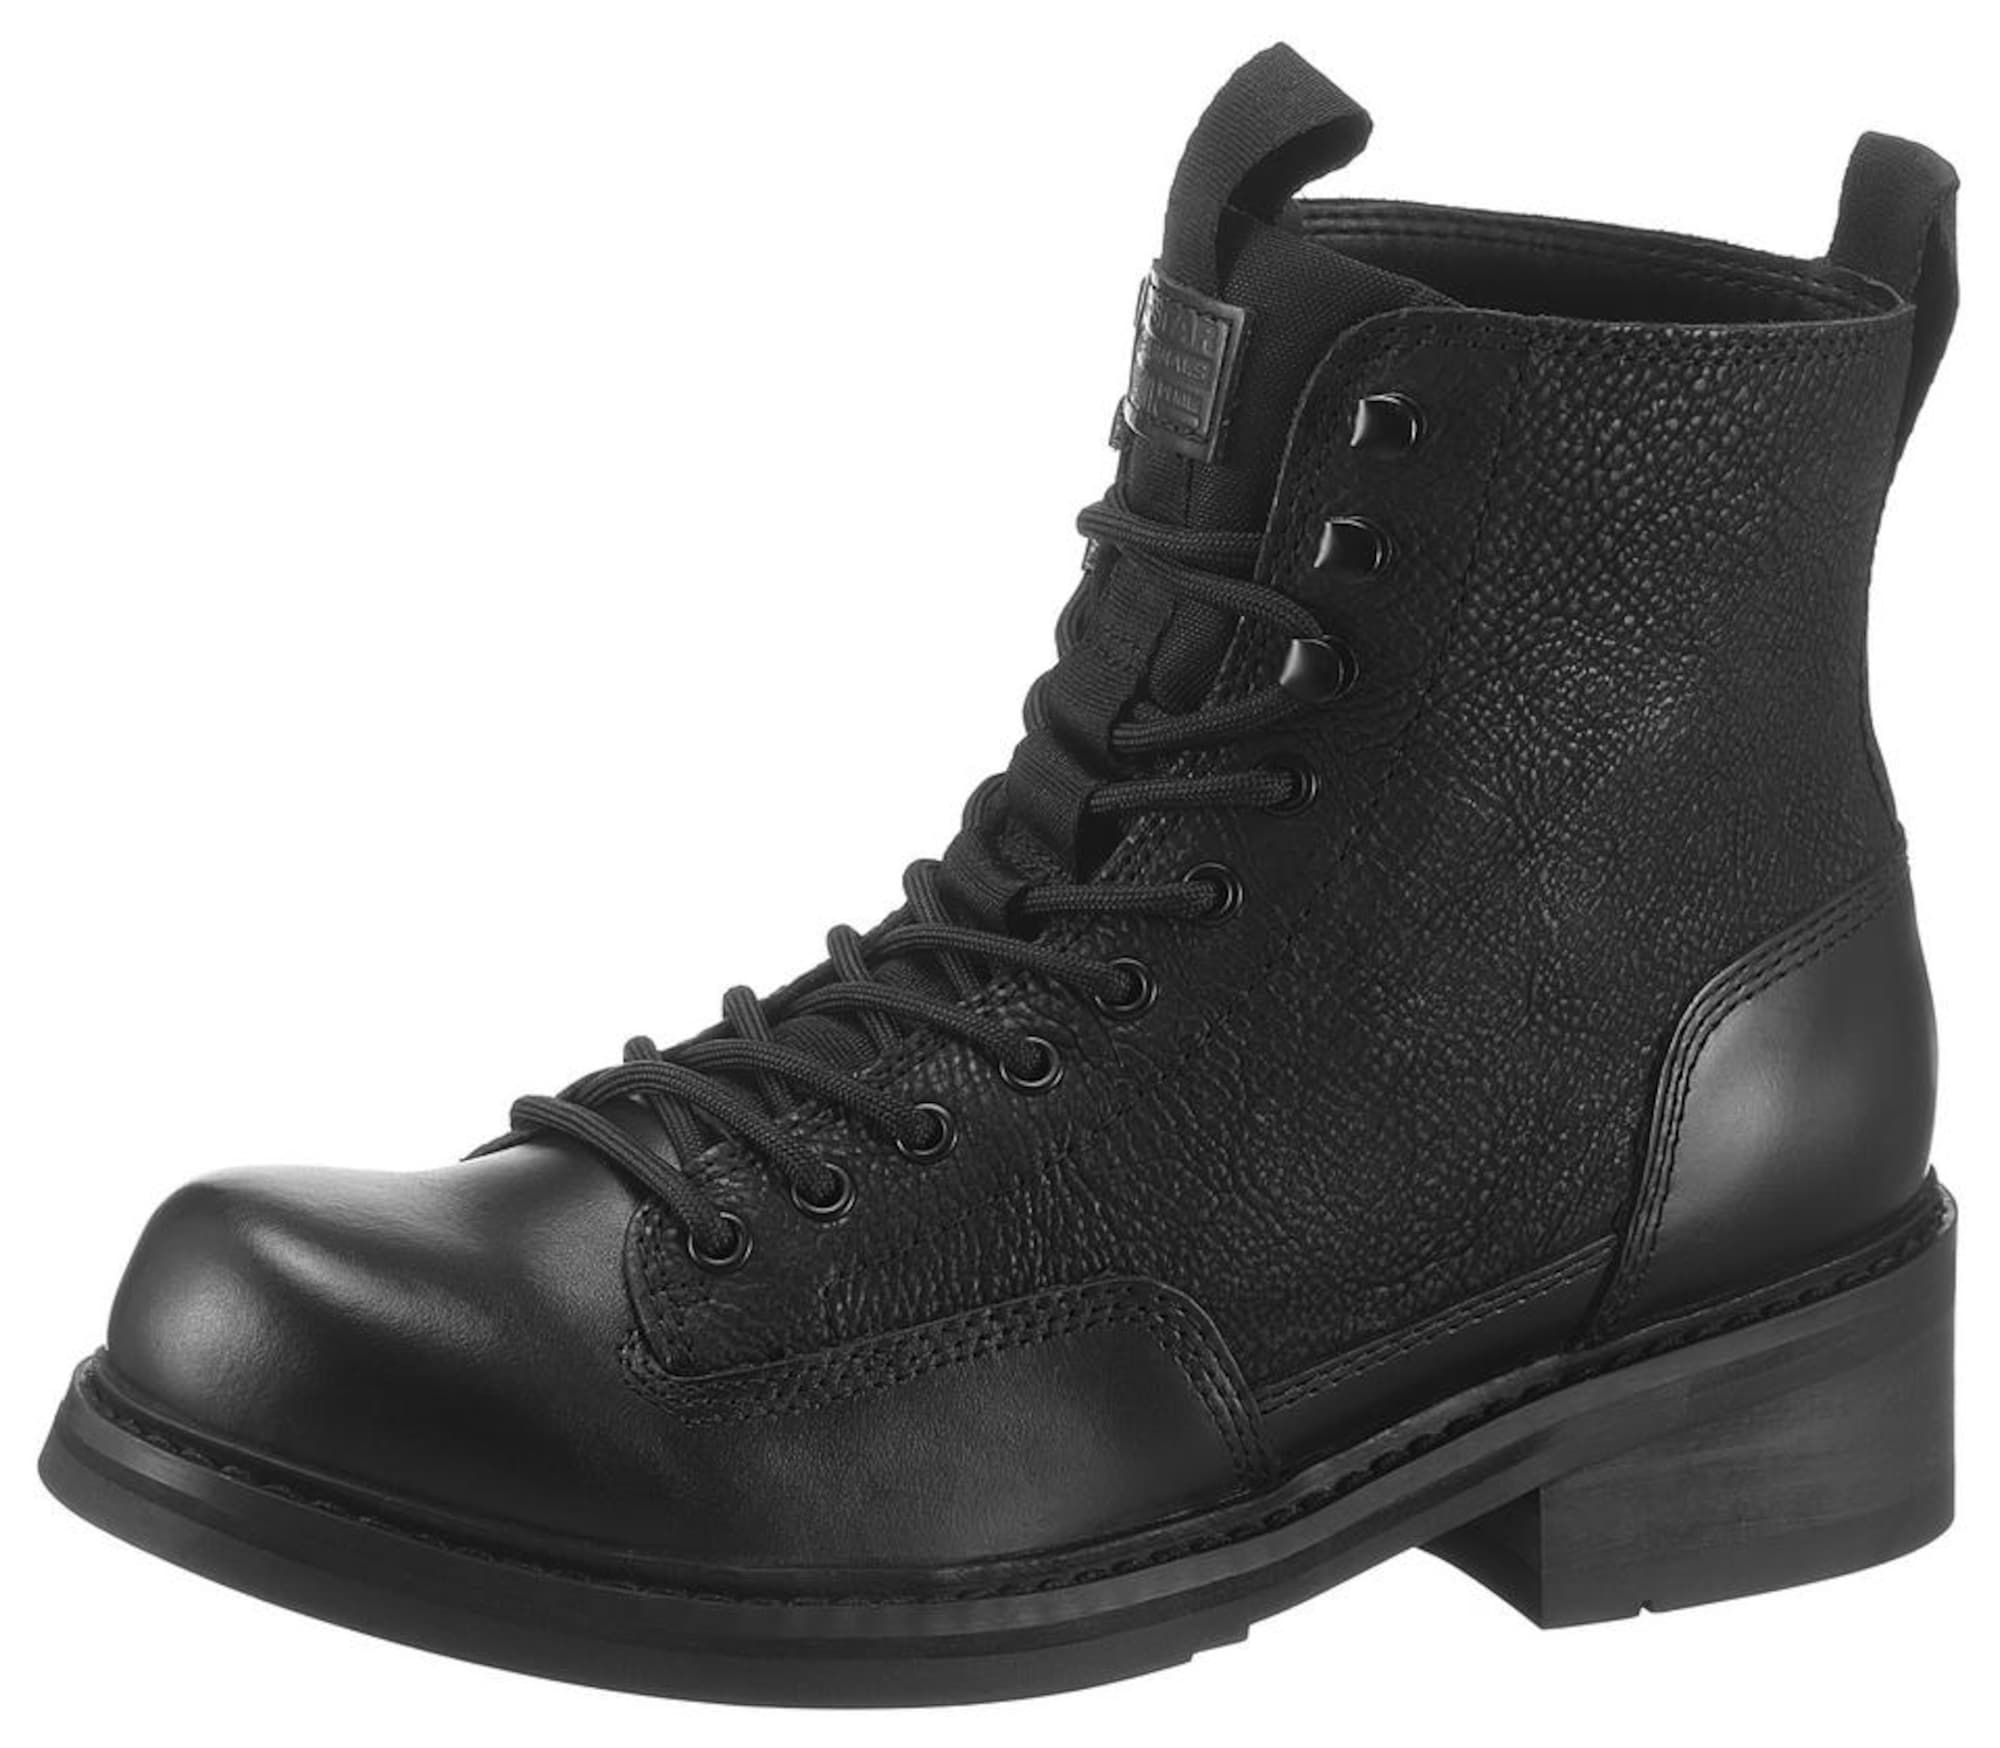 Šněrovací boty Roofer II černá G-STAR RAW